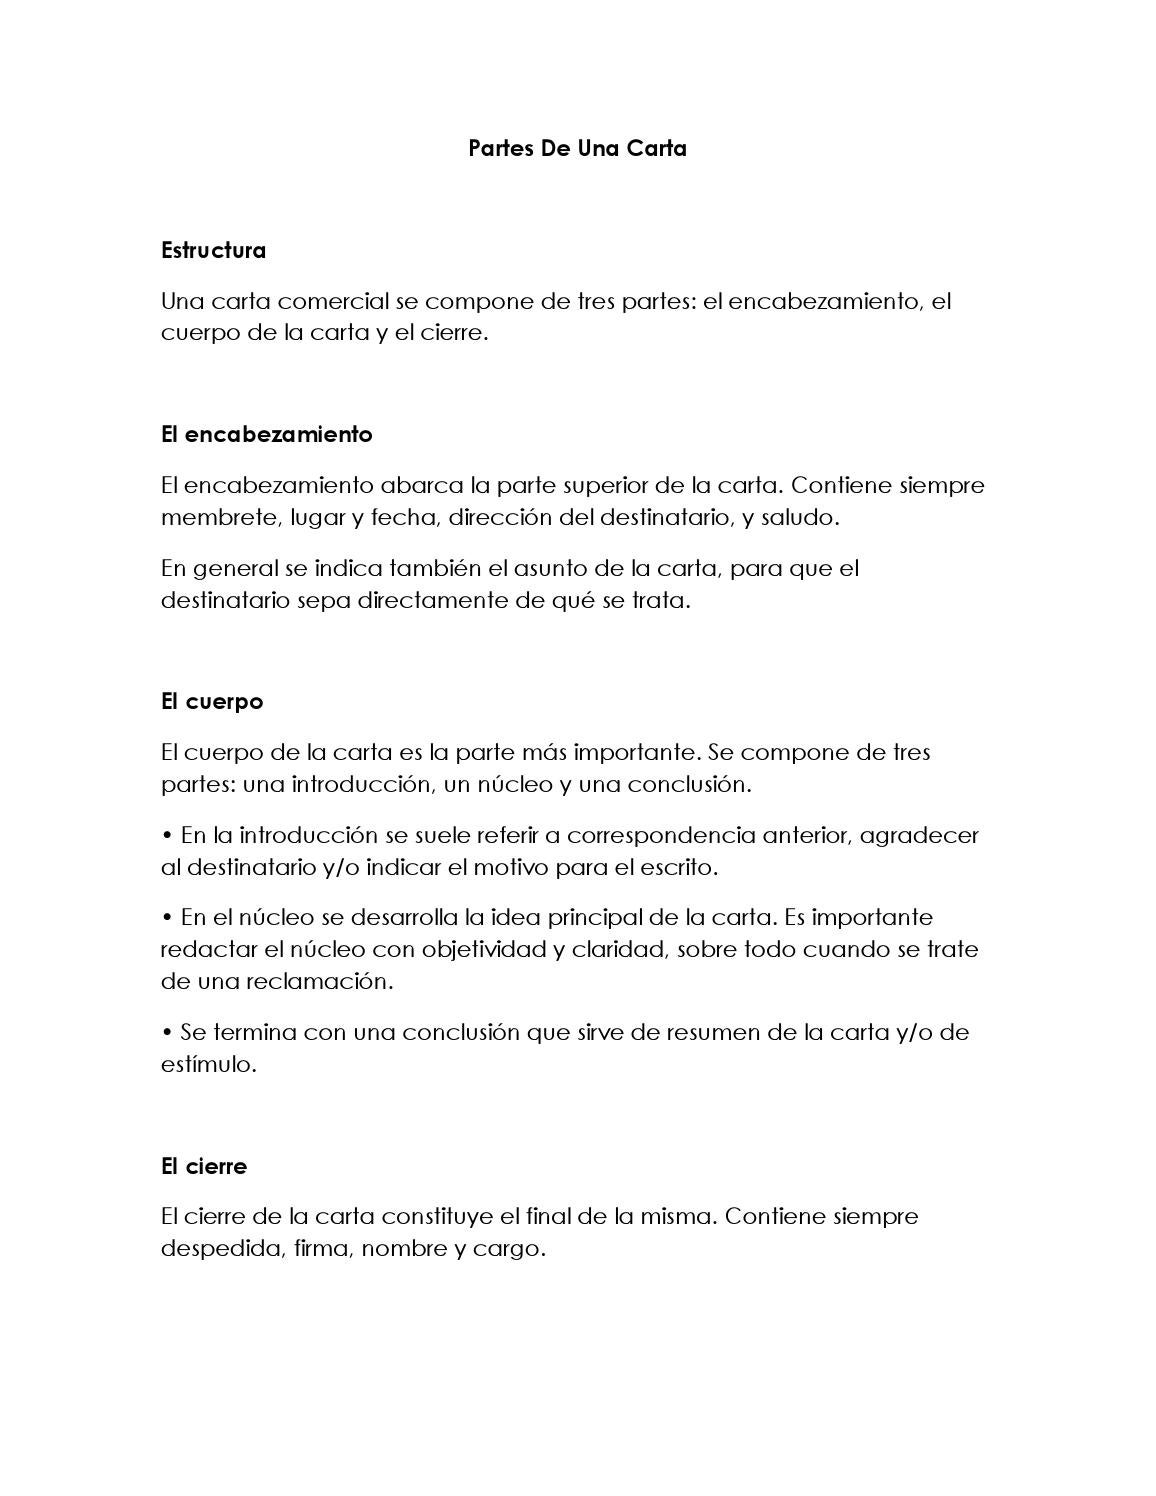 Partes de una carta by CLAUDIA DANIELA GOMEZ SANCHEZestudiante ...